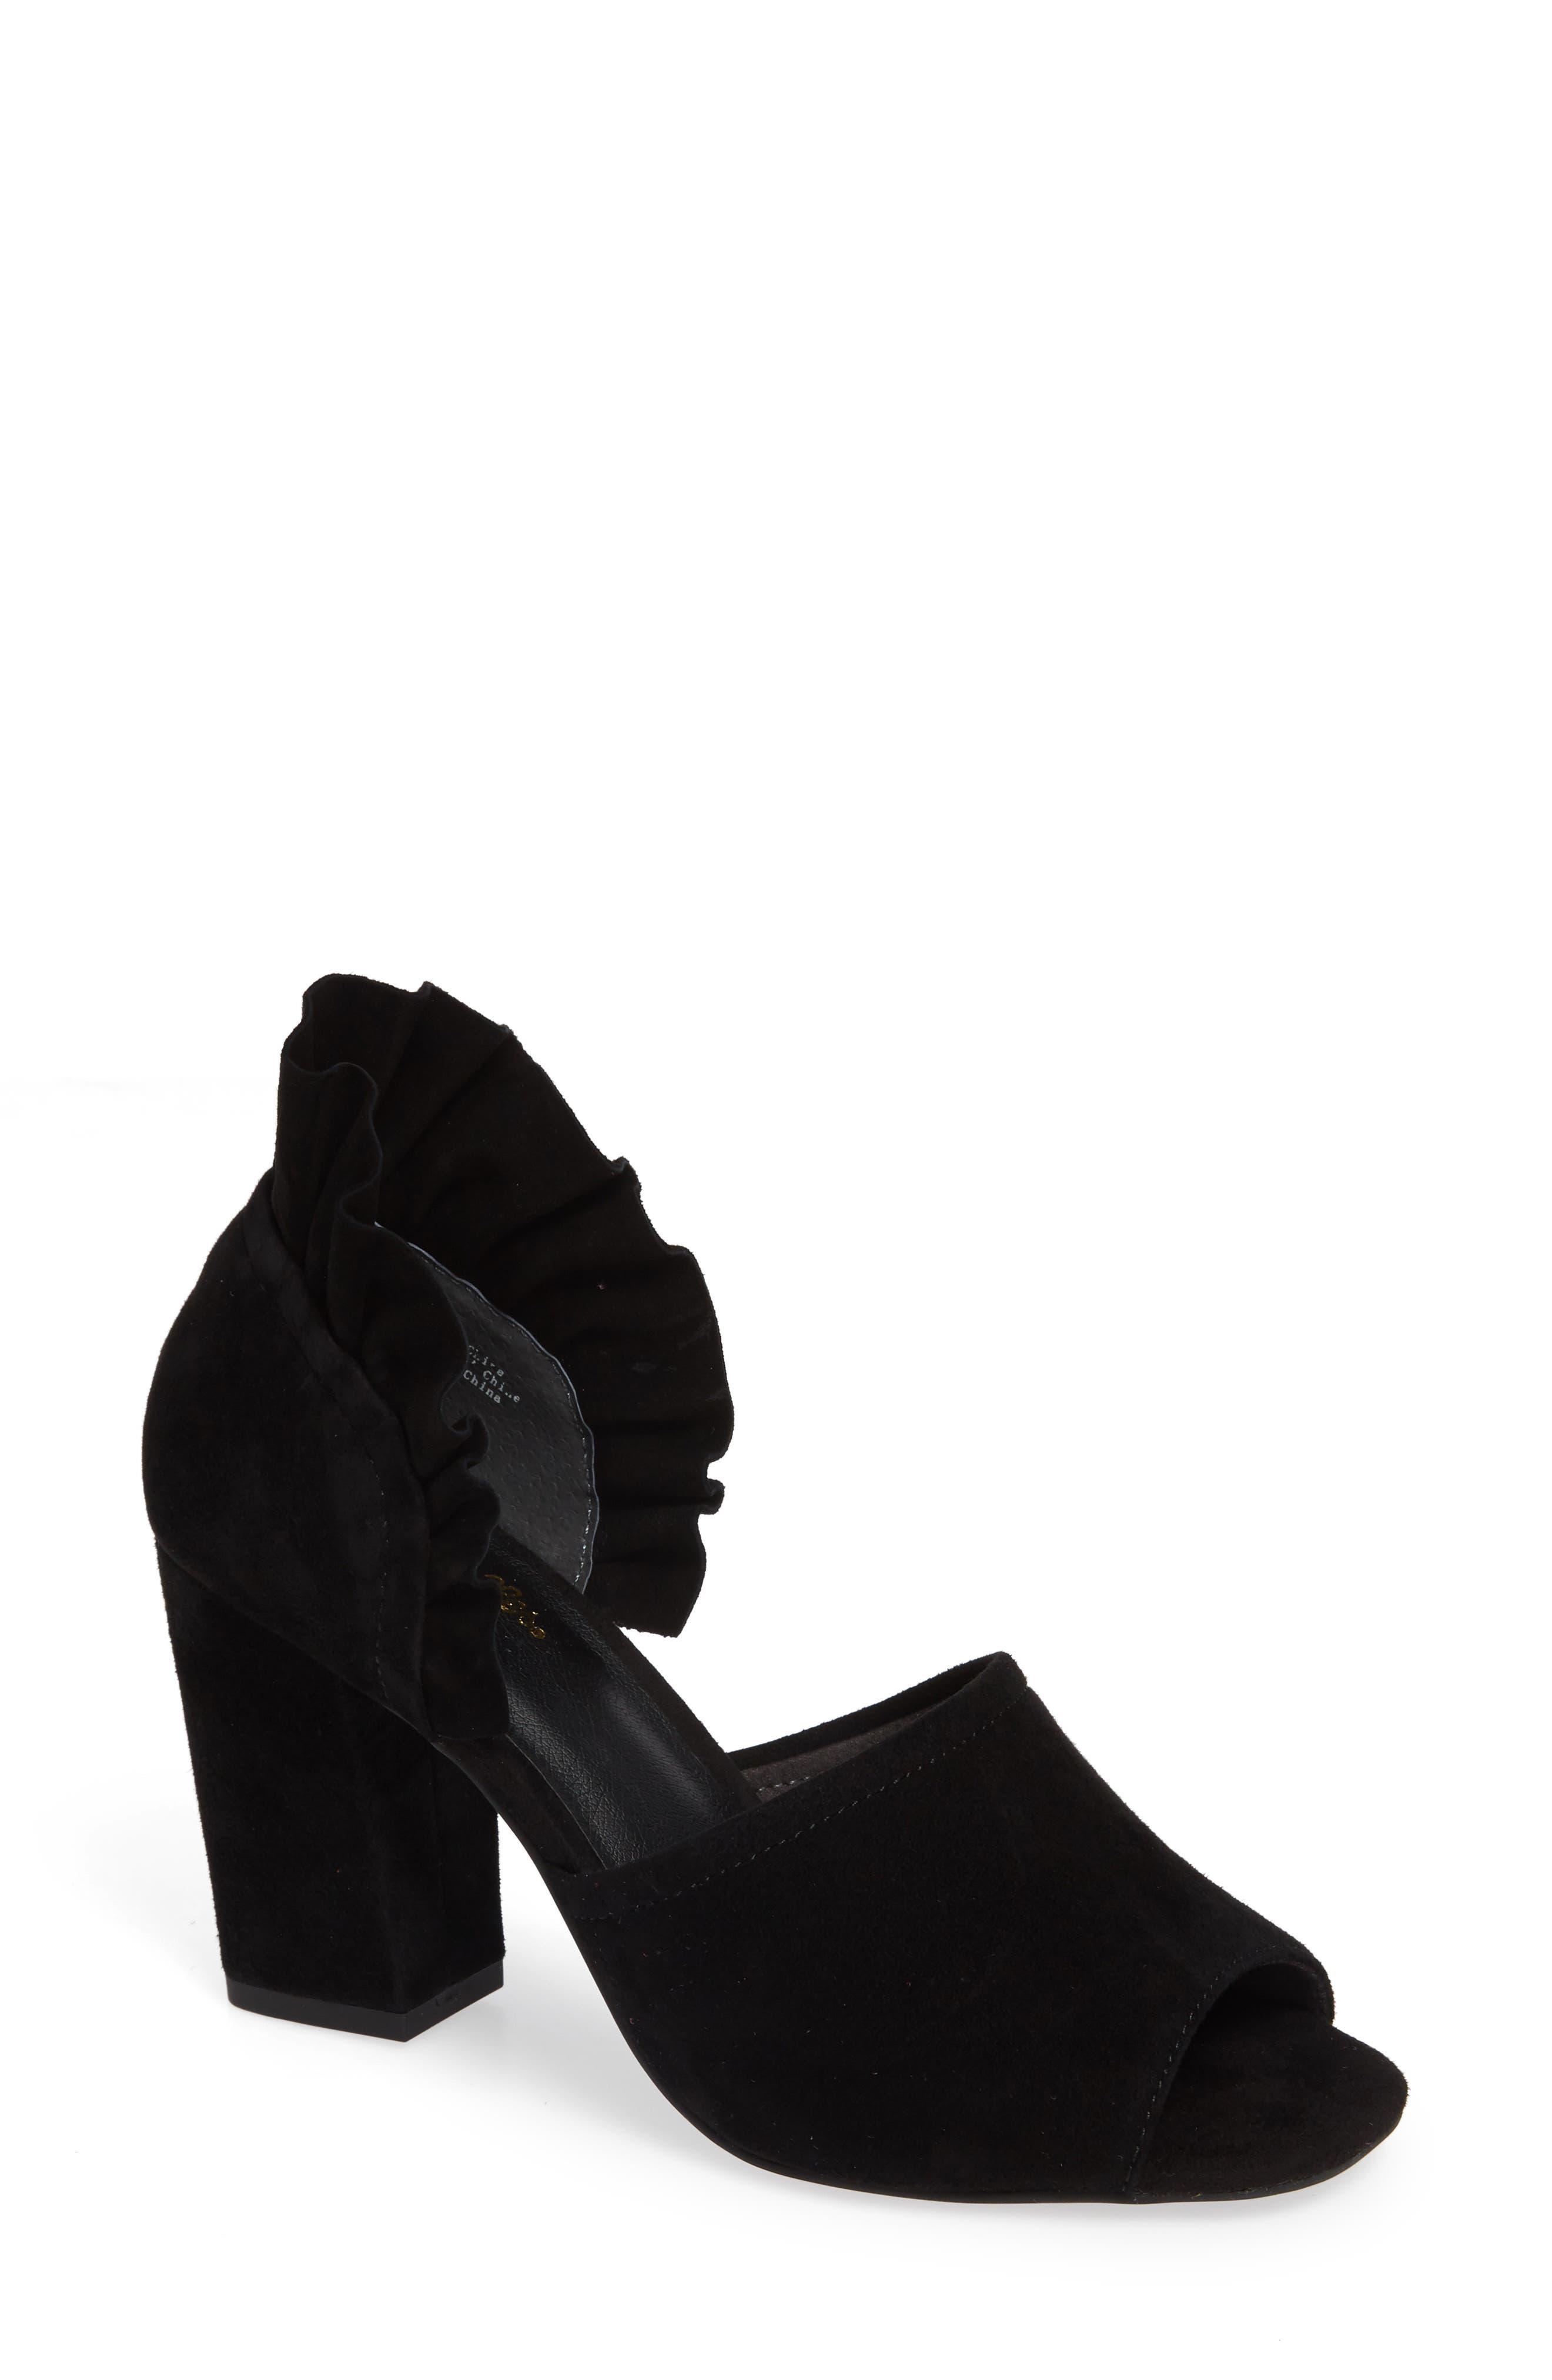 Tropical Sandal,                         Main,                         color, BLACK SUEDE